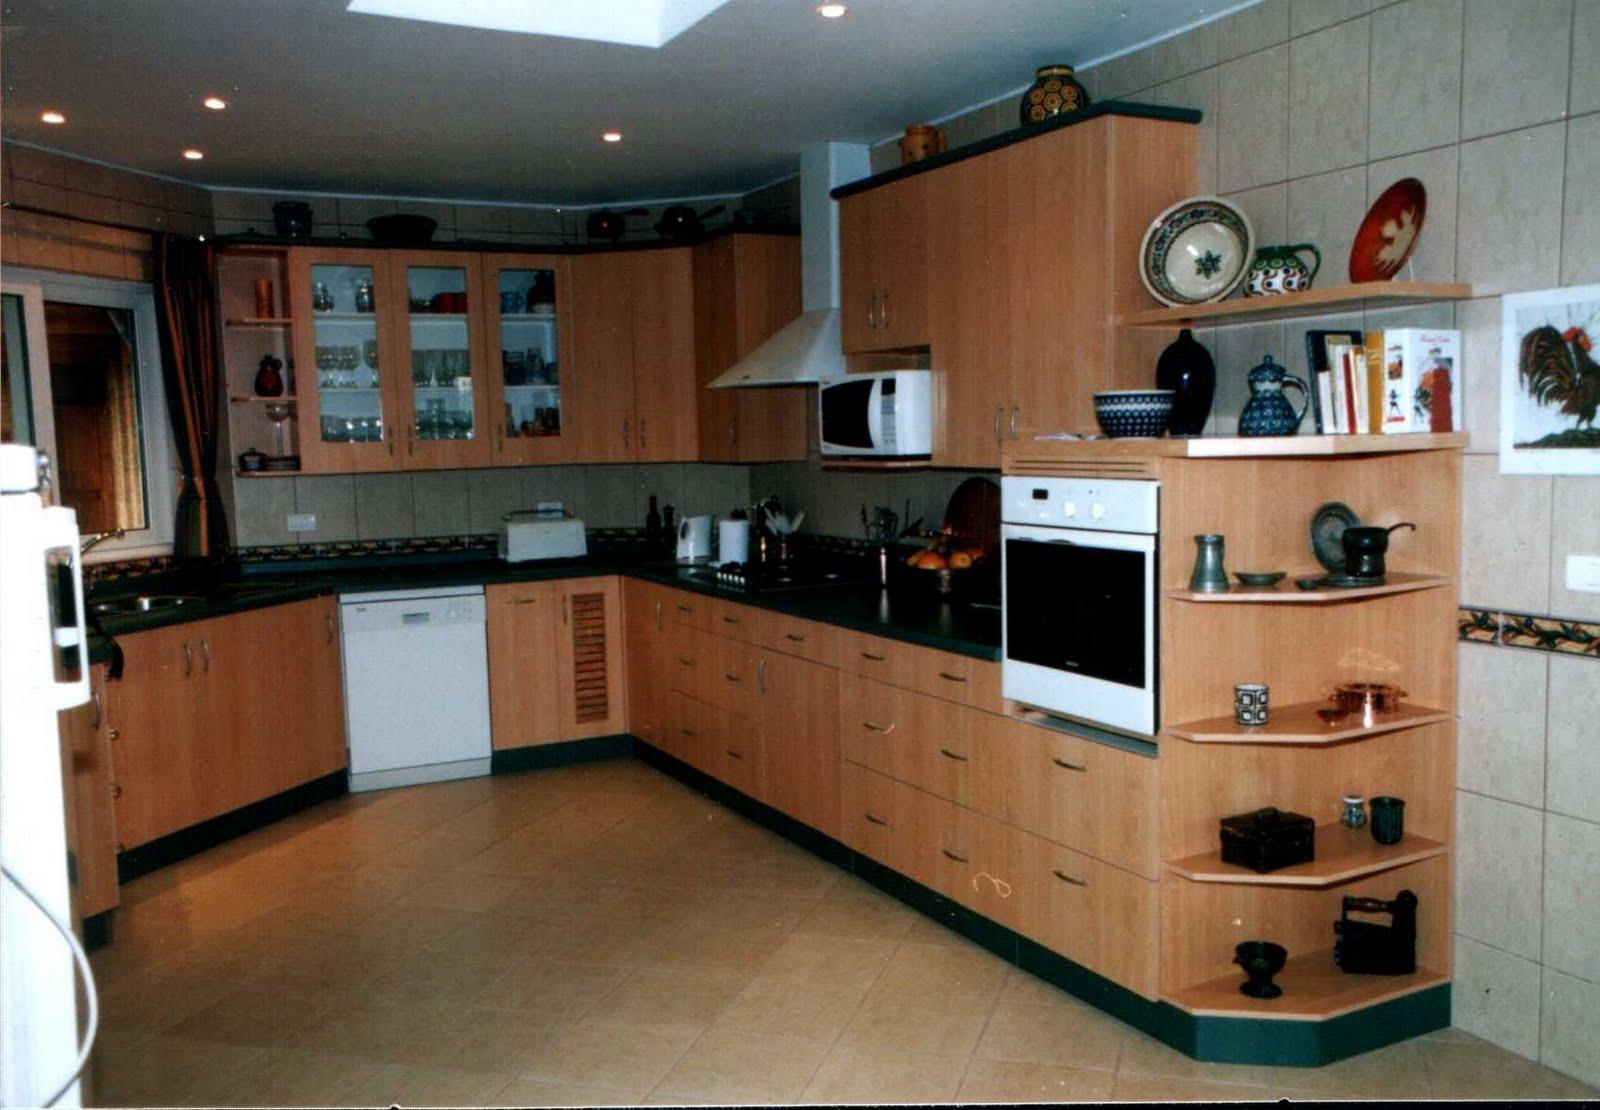 Muebles Lema Rosario - Muebles De Cocina Rosario Lema Ocinel Com[mjhdah]http://www.lemamuebles.com.ar/img/novedades/lg/Lema-Tamesis.jpg